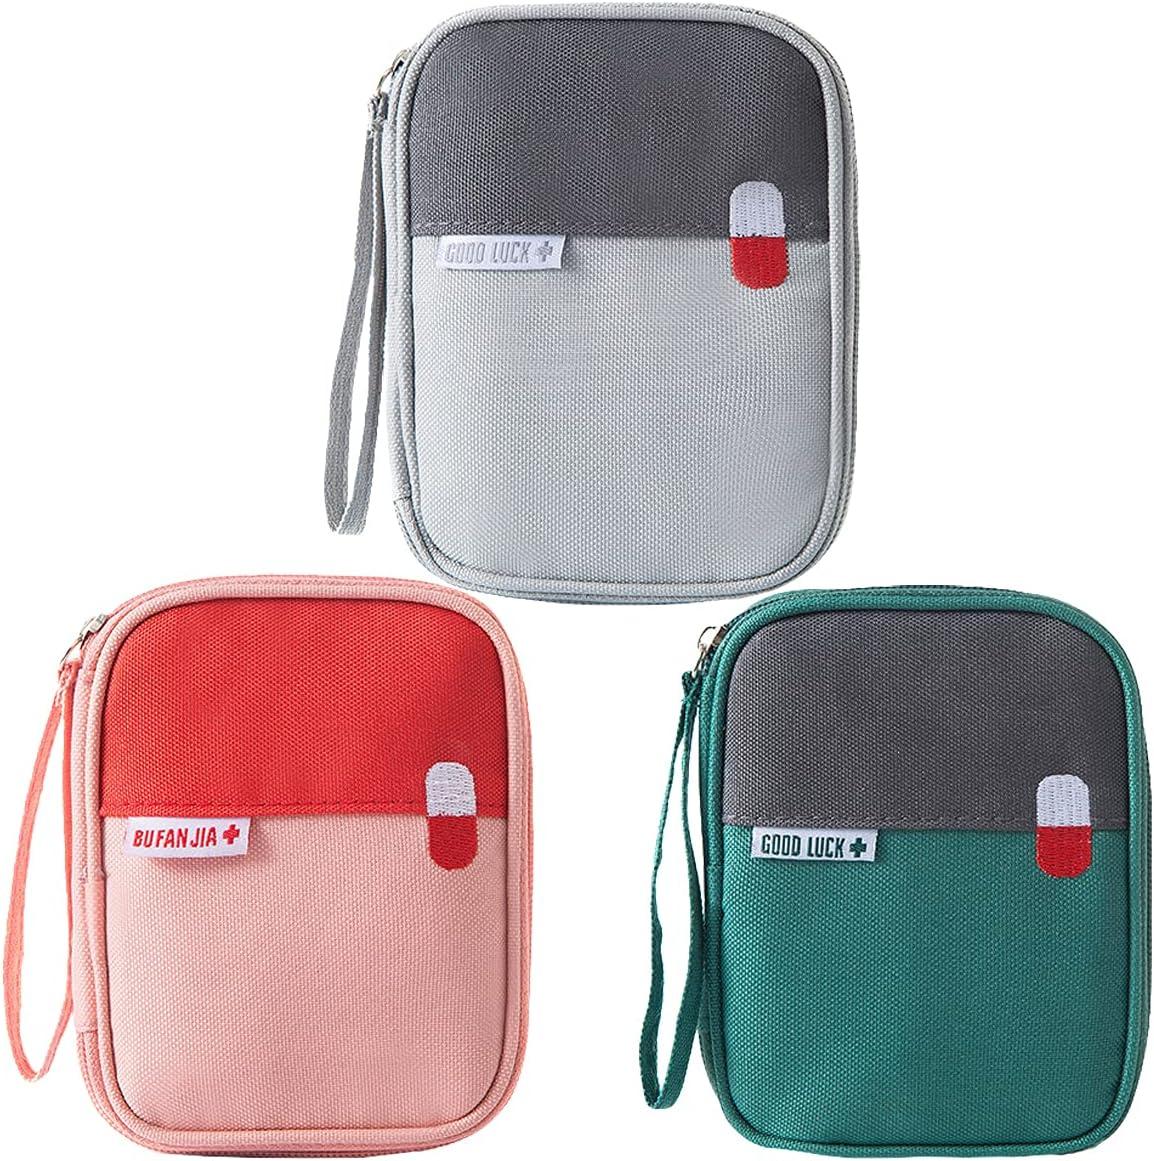 Mini Kit Medico da 3 Pezzi, kit di Pronto Soccorso Portatile per Bambini, Adatto per Viaggi, Campeggio, Ufficio, Casa, Studio